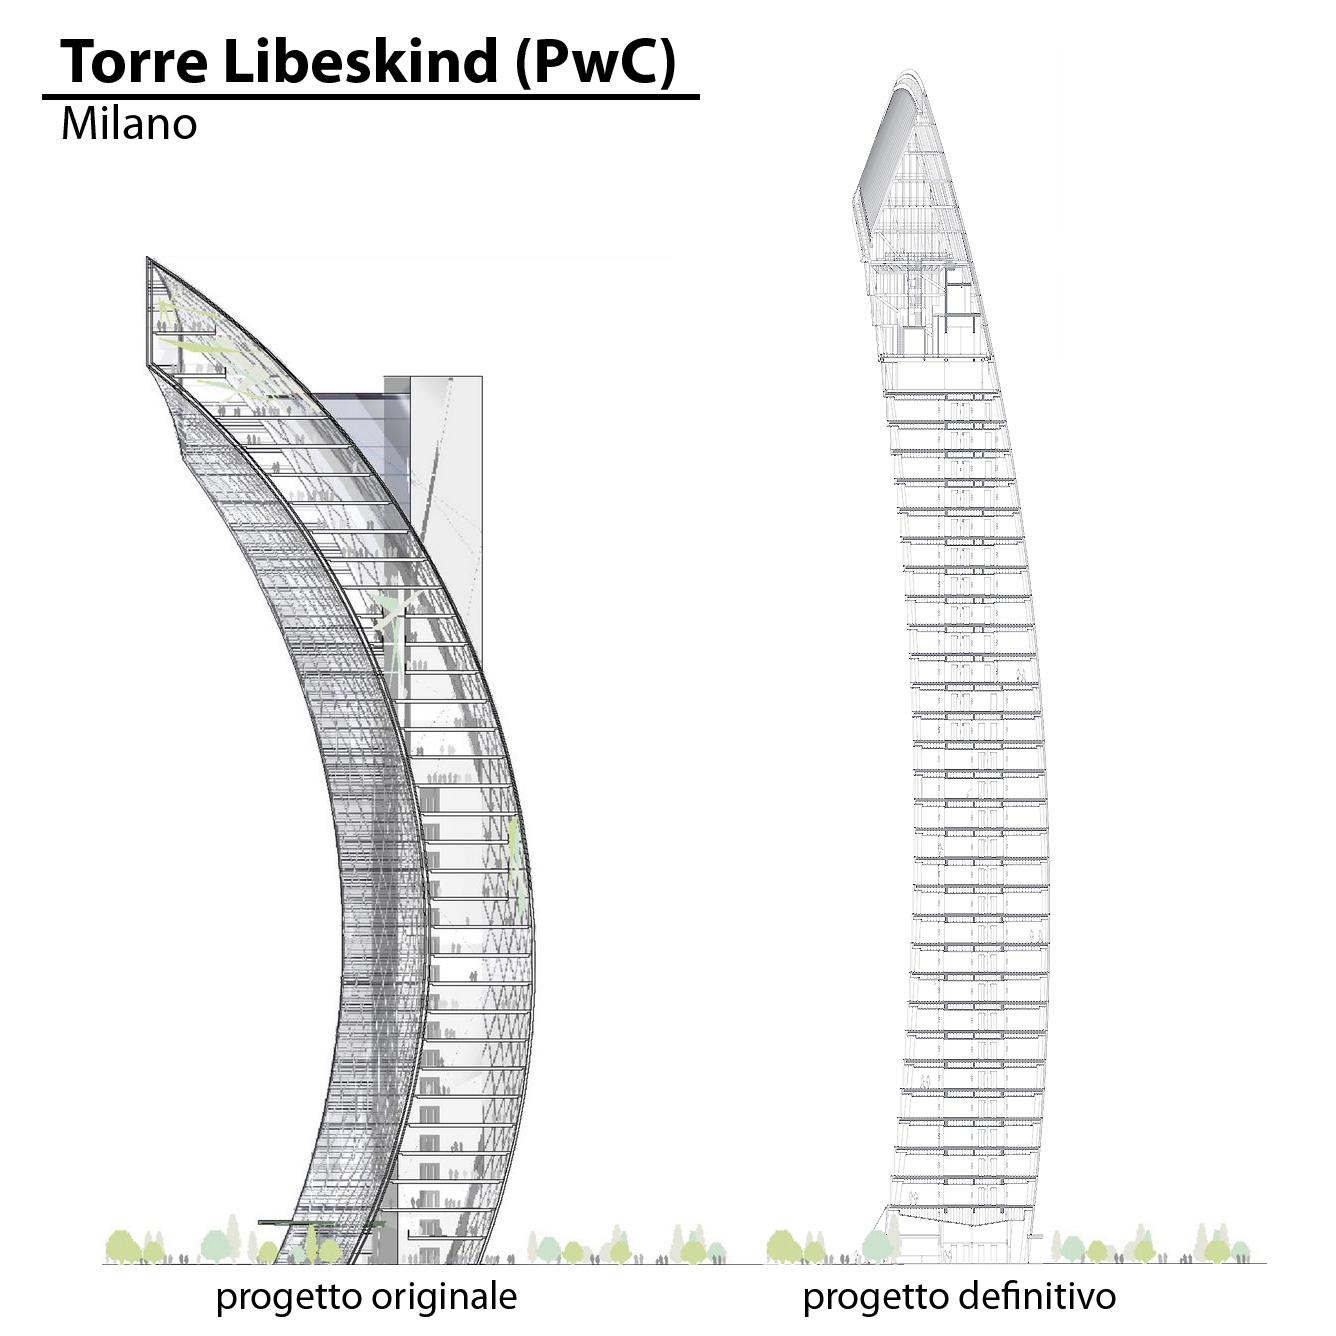 Torre Libeskind: progetto originale Vs progetto definitivo